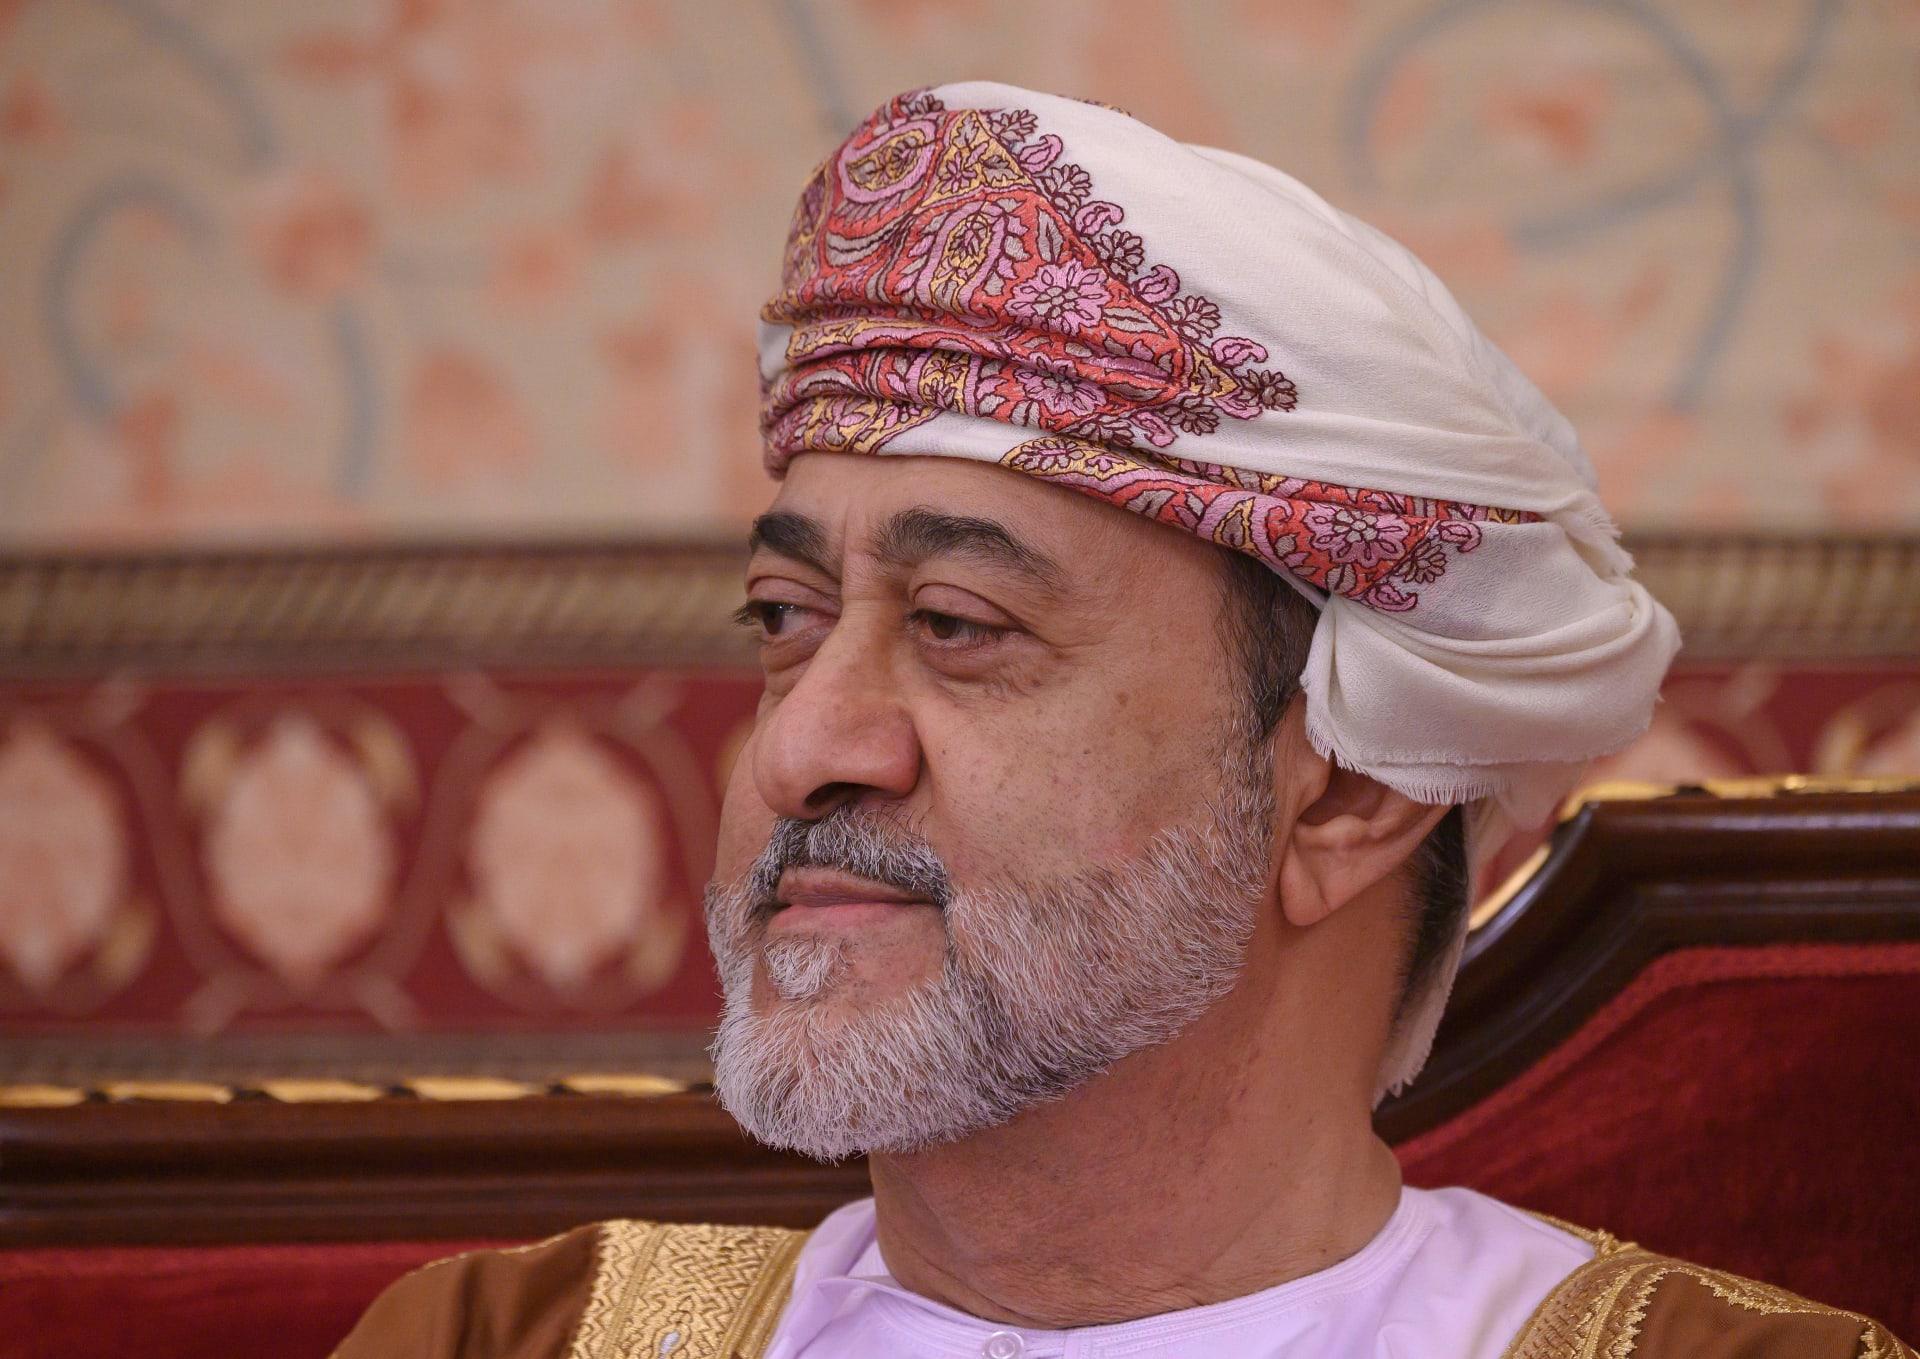 زوجة سلطان عُمان تكرم شخصيات نسائية في يوم المرأة الُعمانية